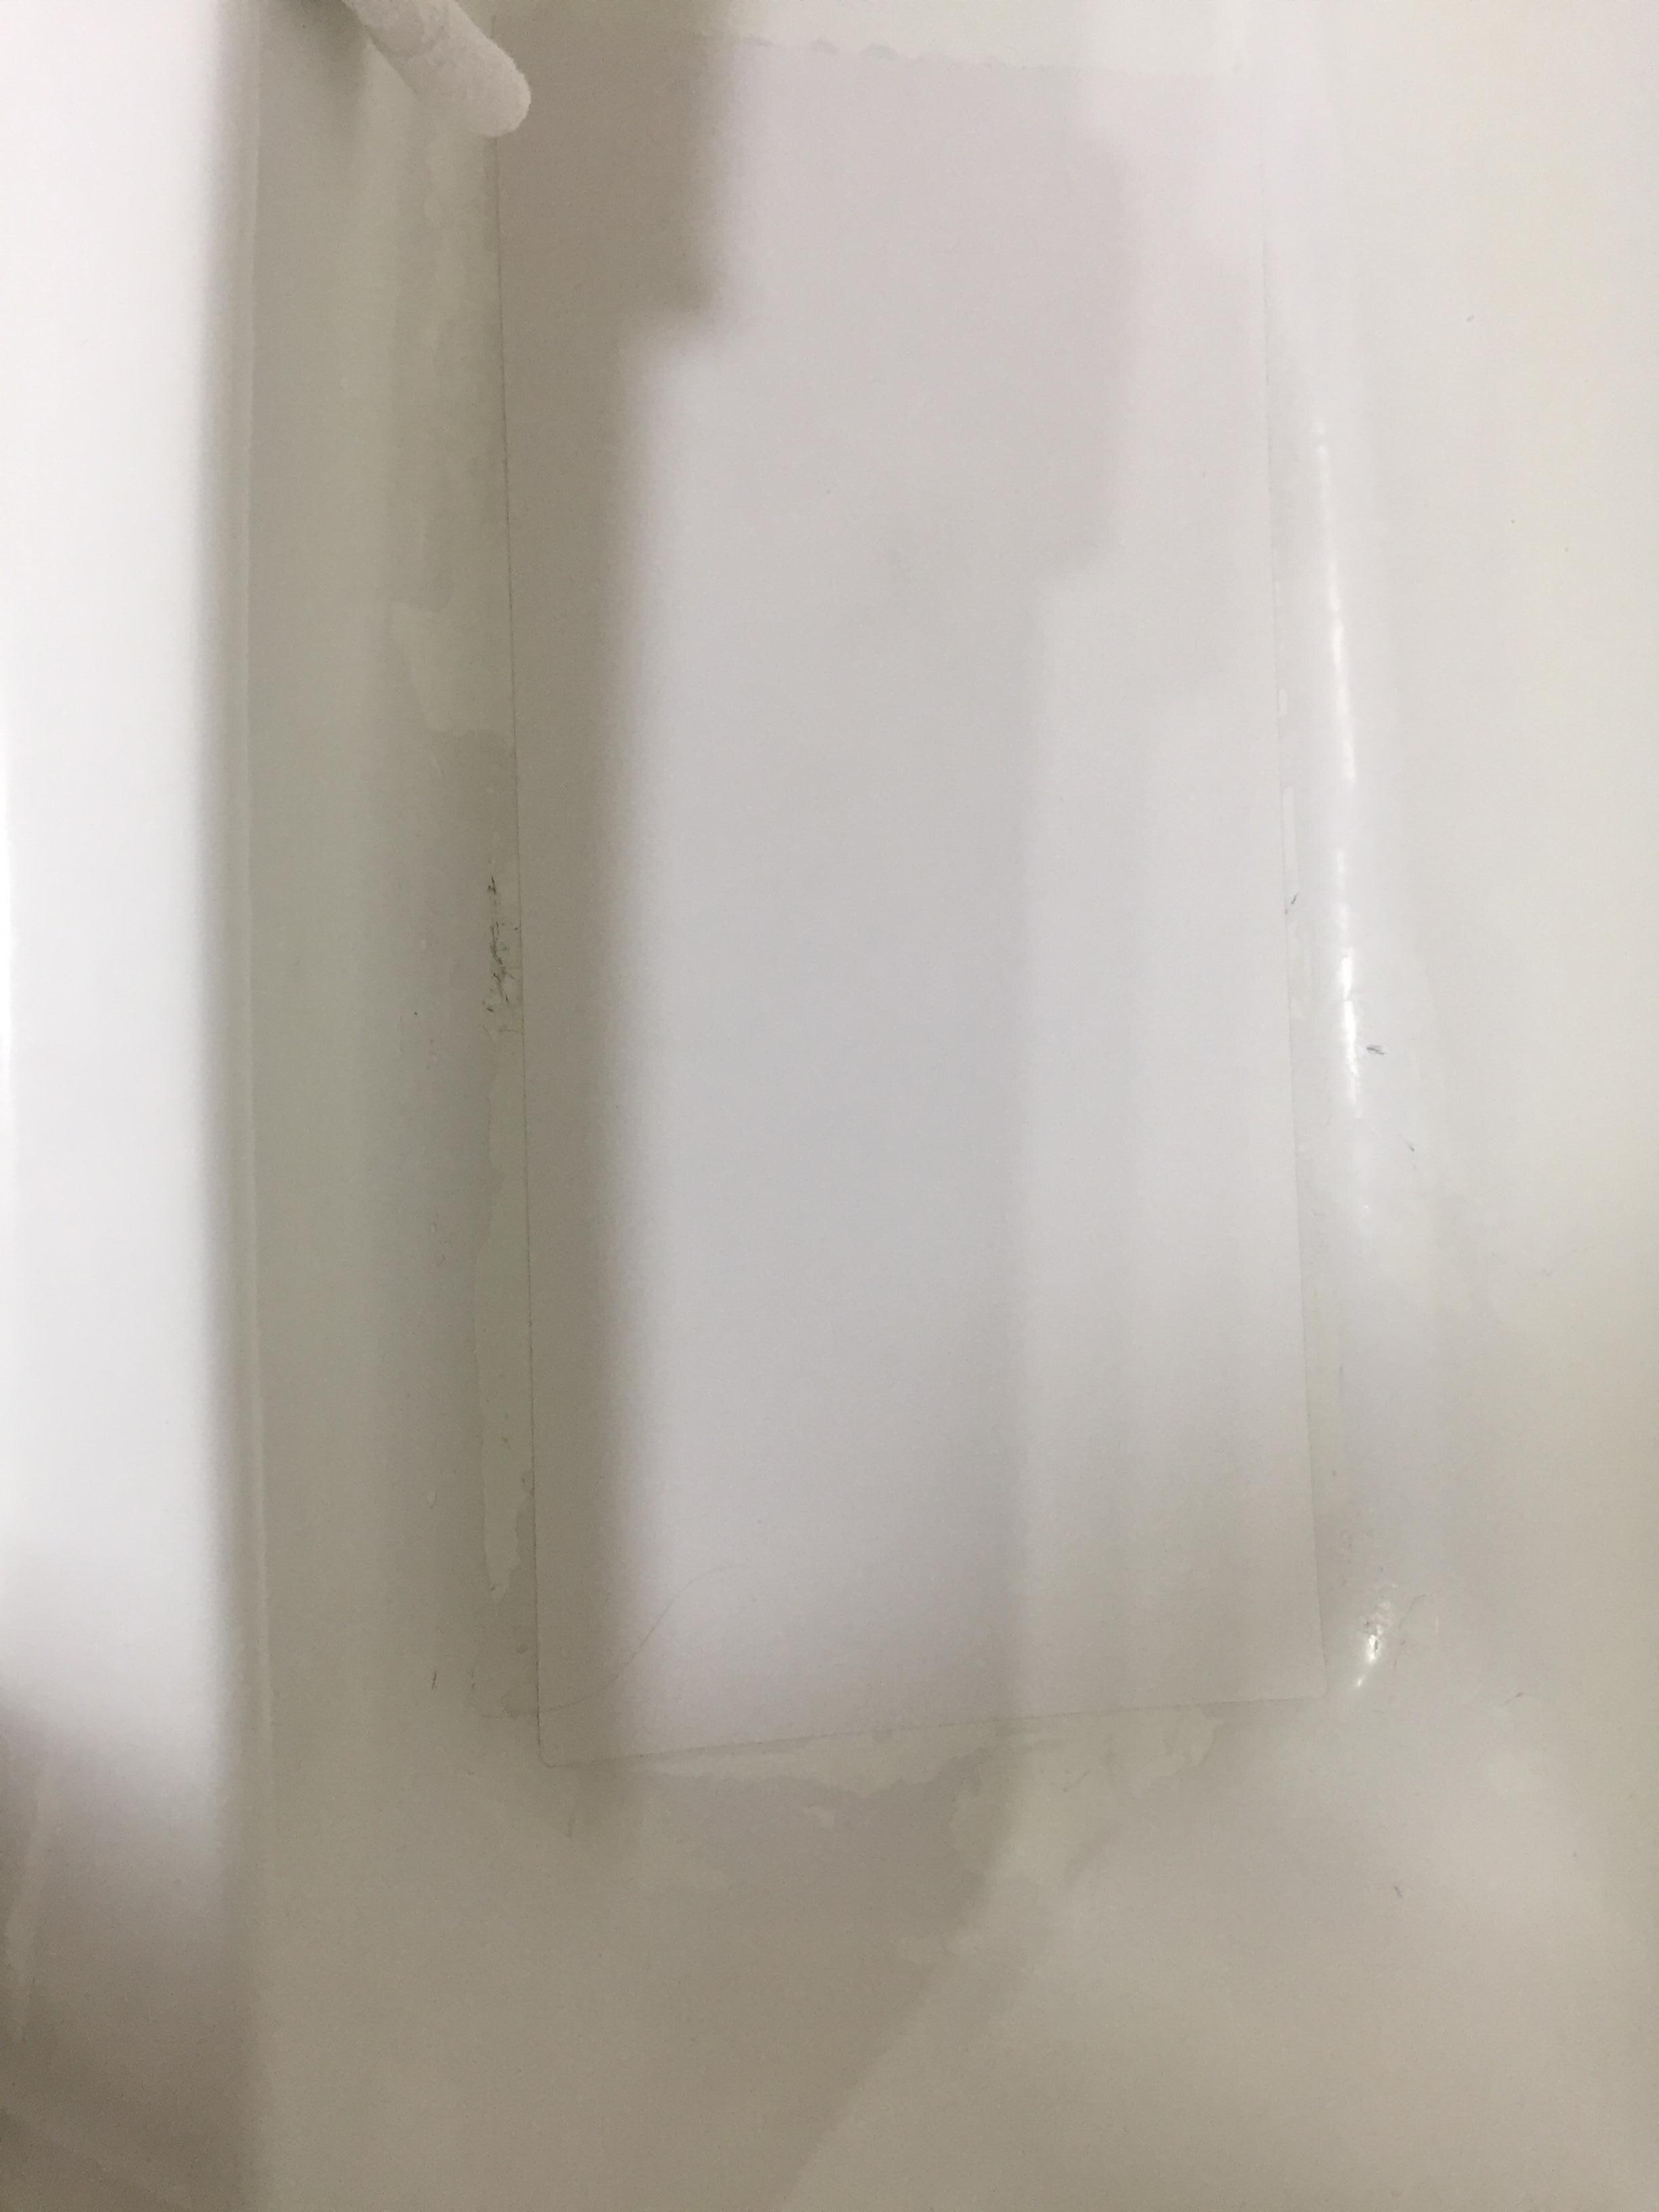 Nasty bathtub.